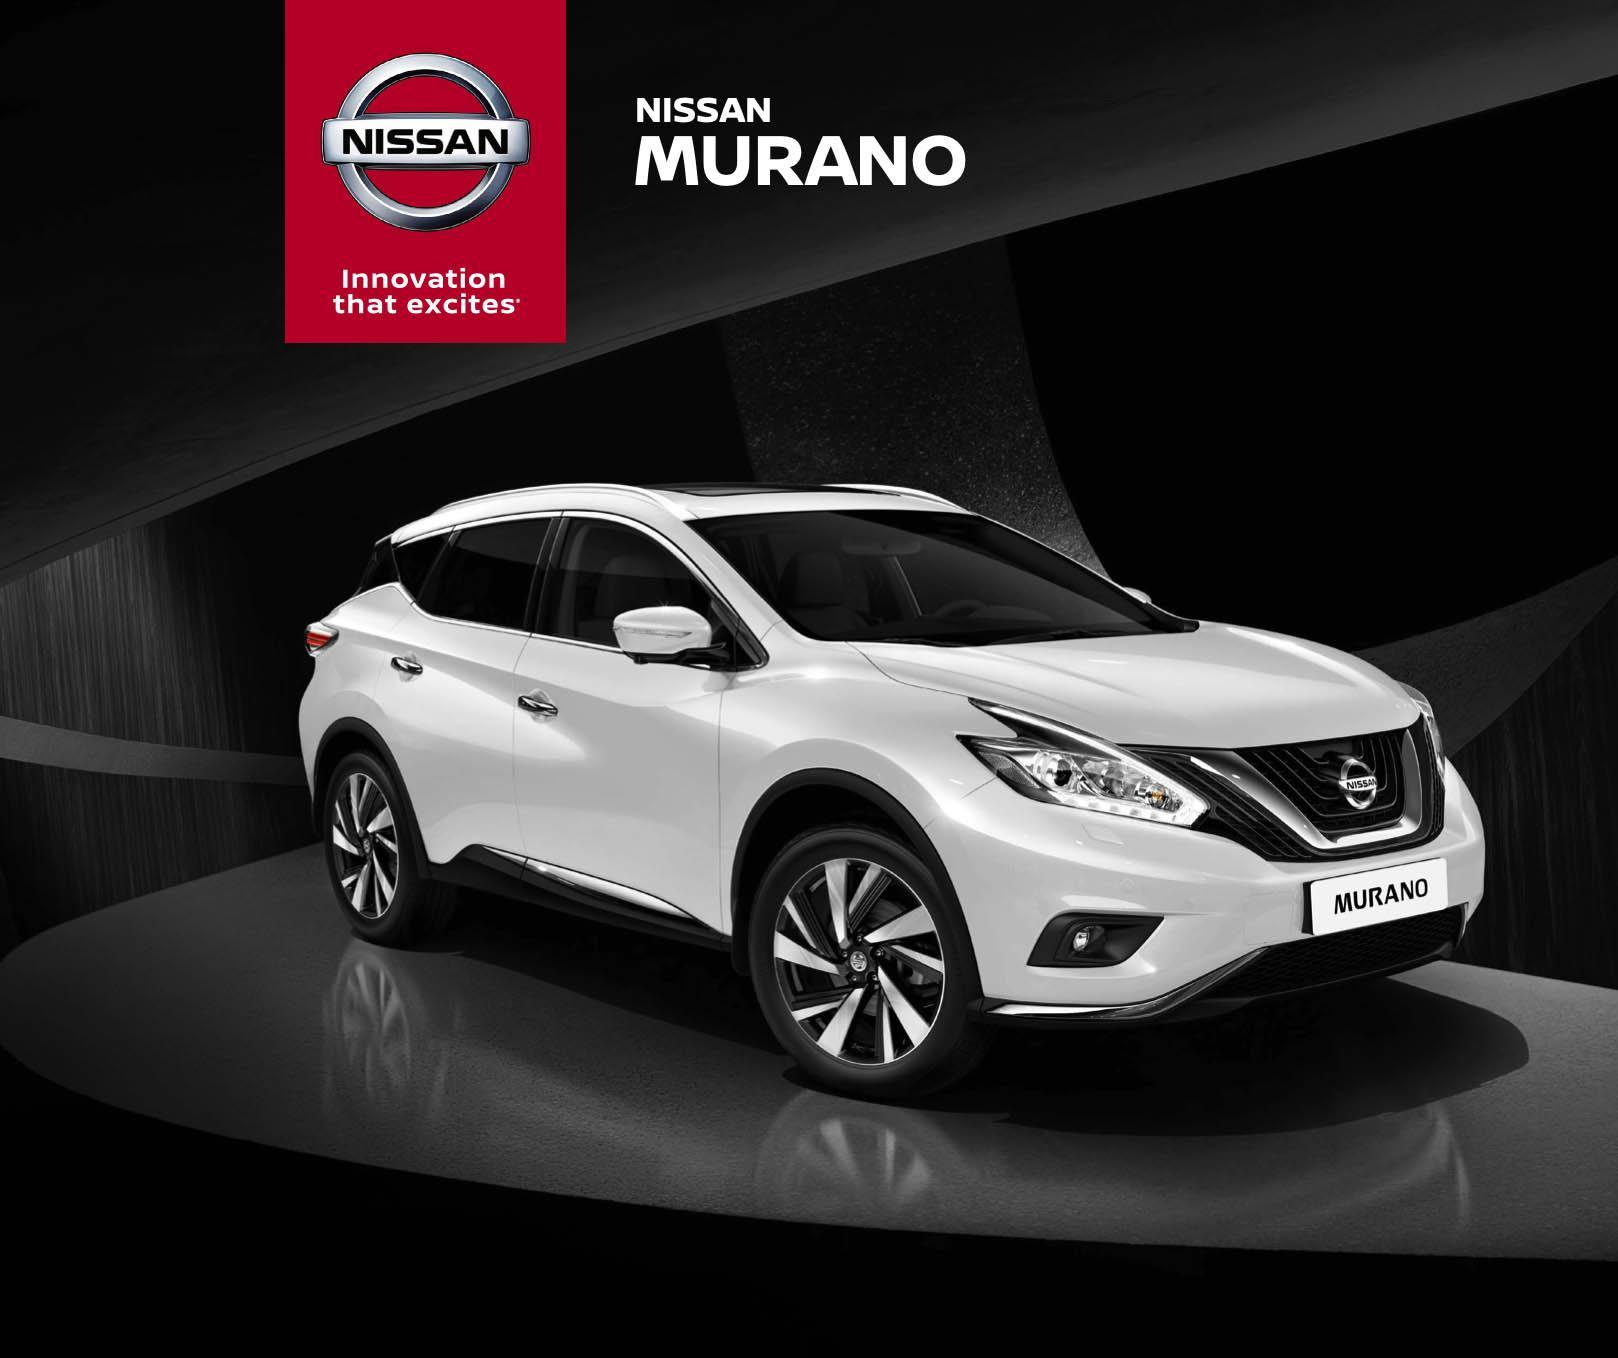 Брошюра Nissan Murano Z52 Intelligent Mobility